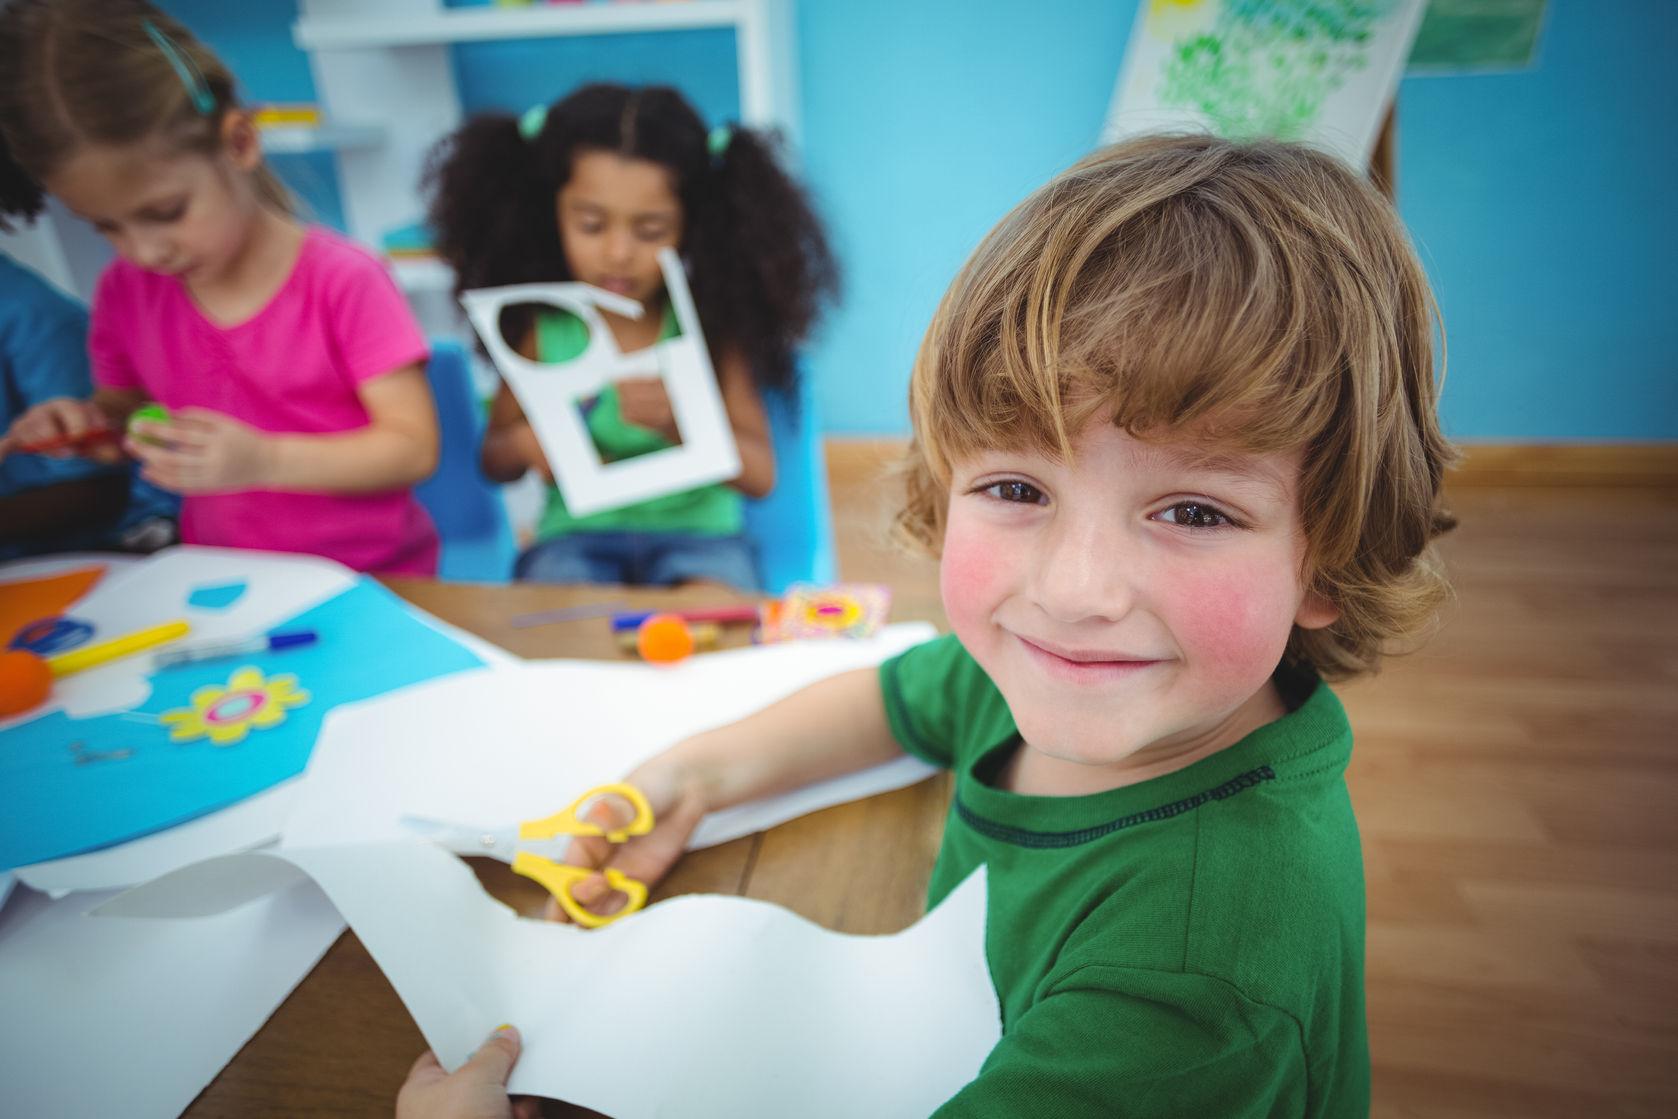 Aprovecha la semana de receso y lleva a tus hijos a estos planes gratuitos